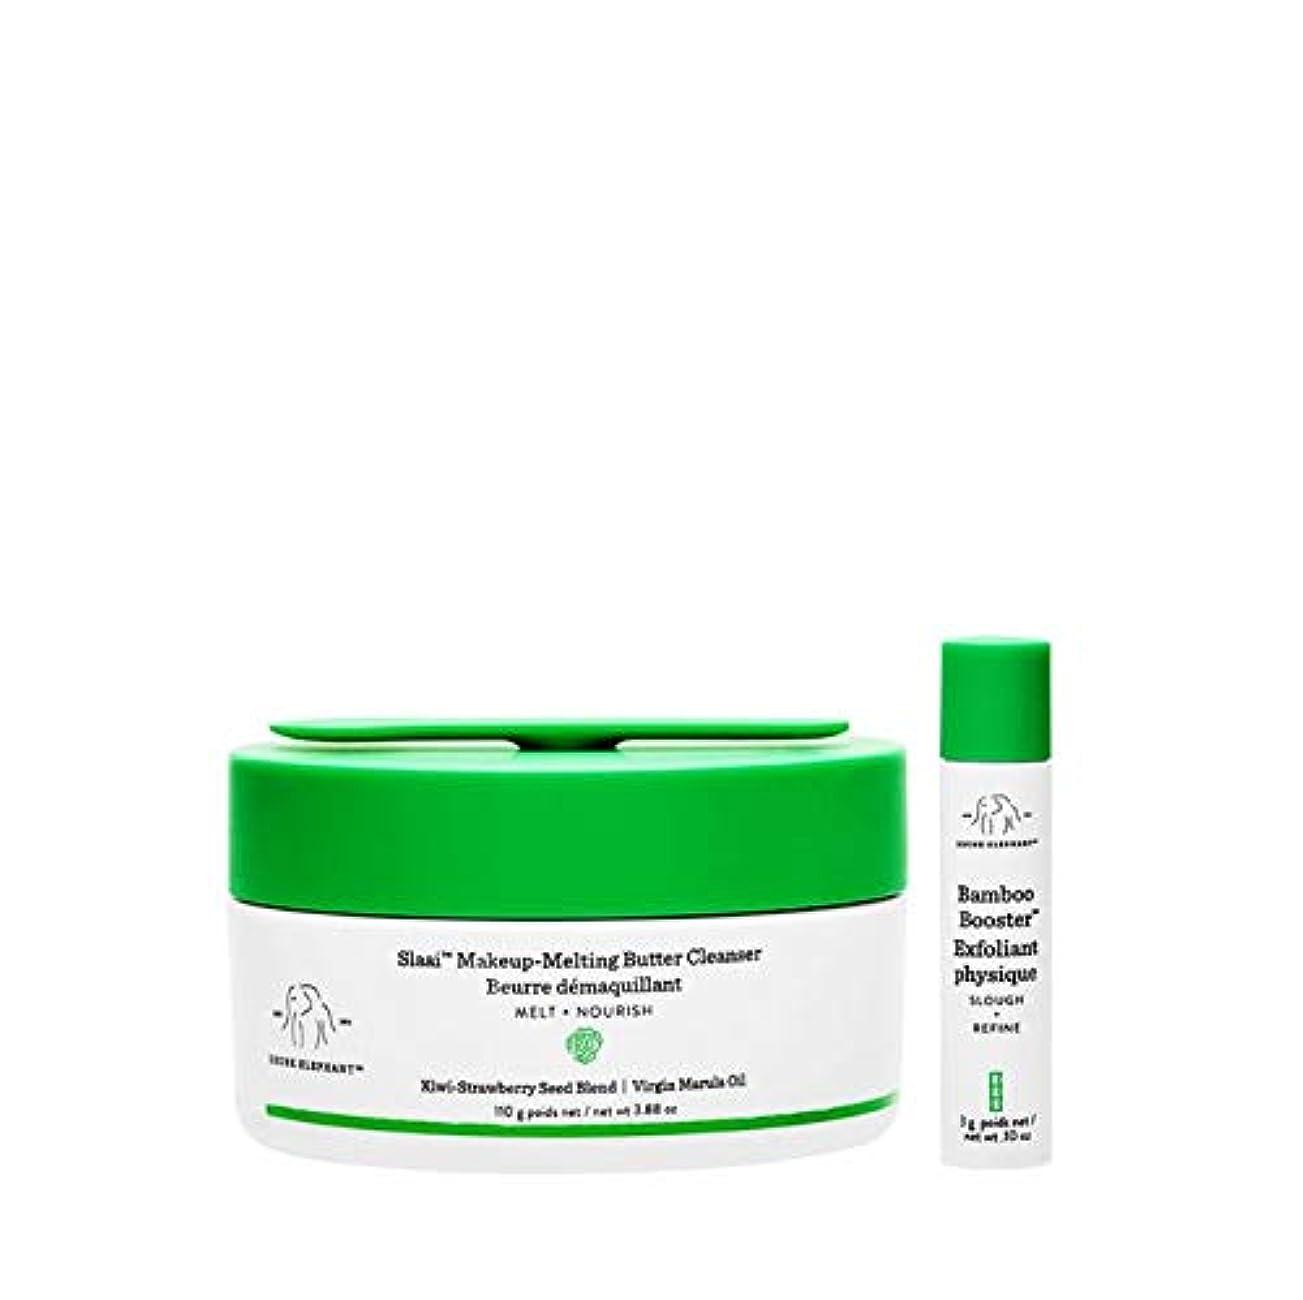 学部長理論的行政DRUNK ELEPHANT Slaai Makeup-Melting Butter Cleanser ドランクエレファント スラエー メーカップ メルティング バター クレンザー 110g